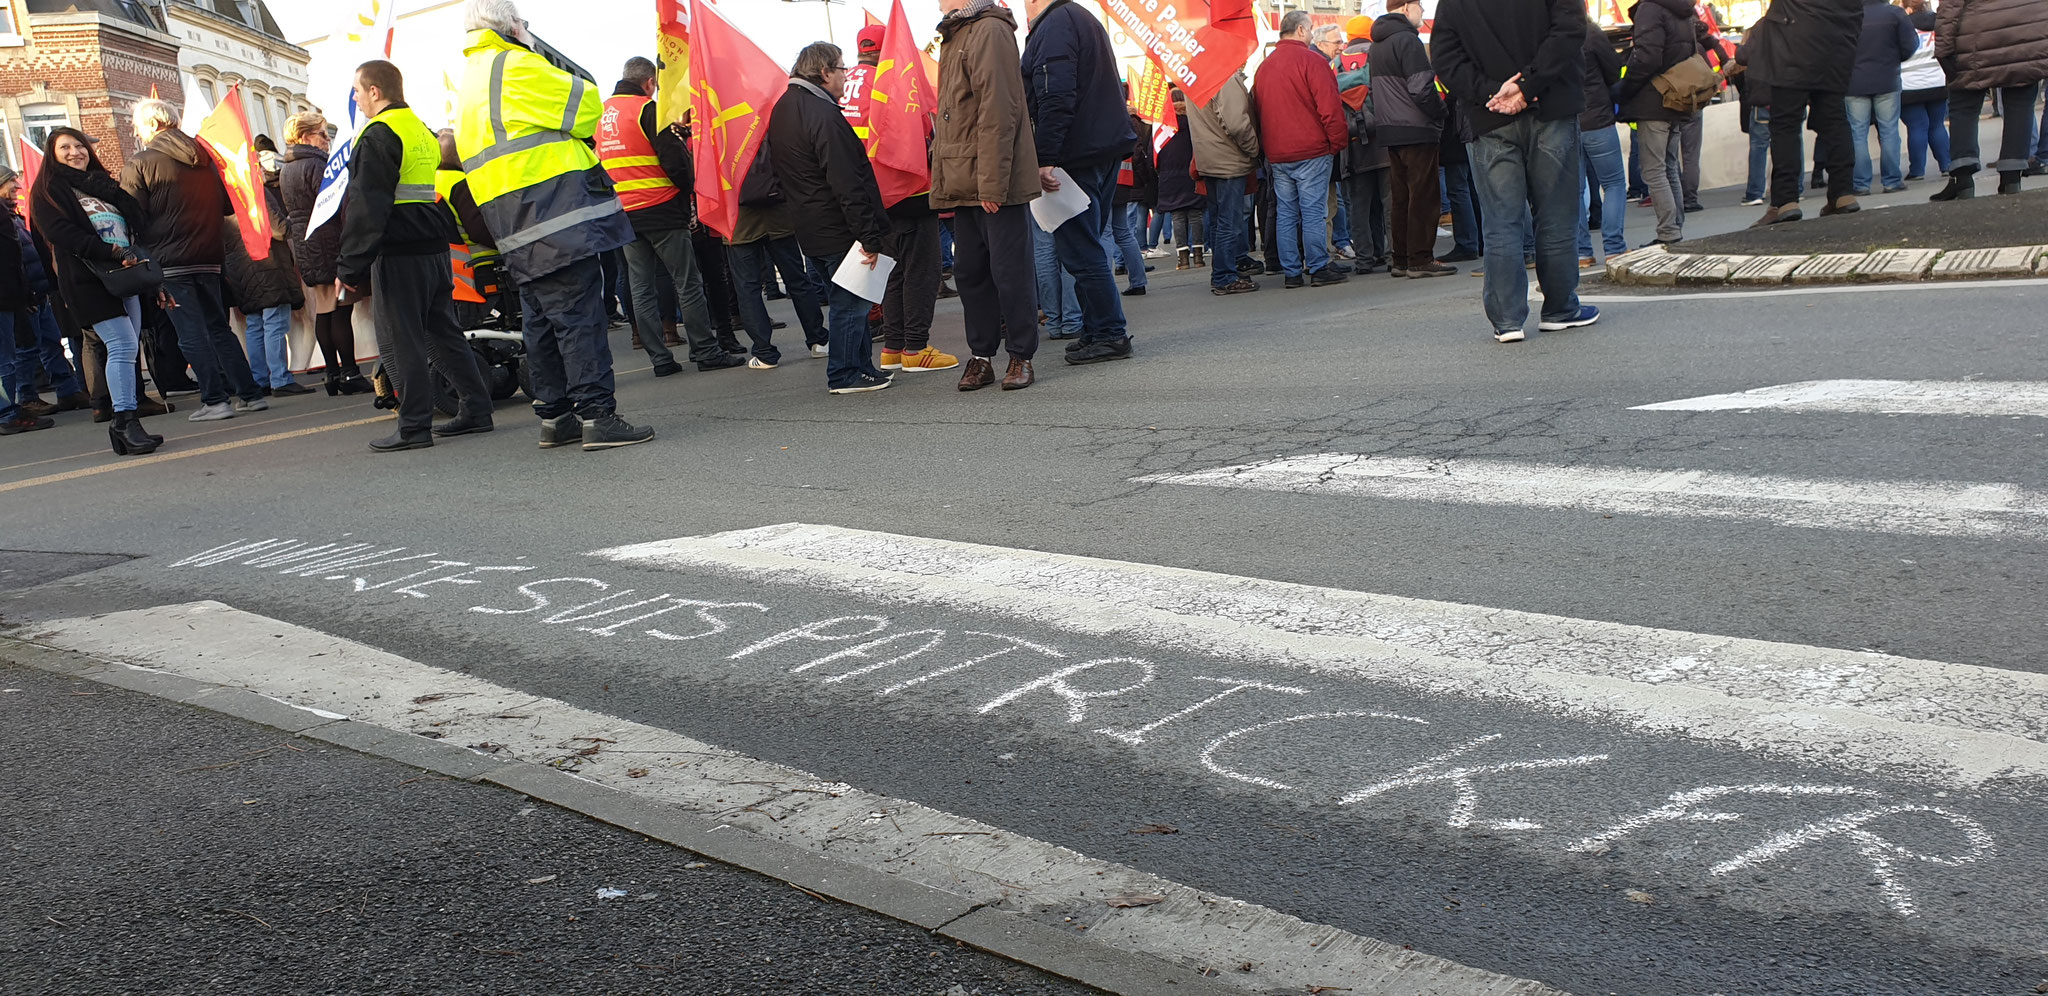 Le 29 Janvier 2020 à Saint-Quentin (02)